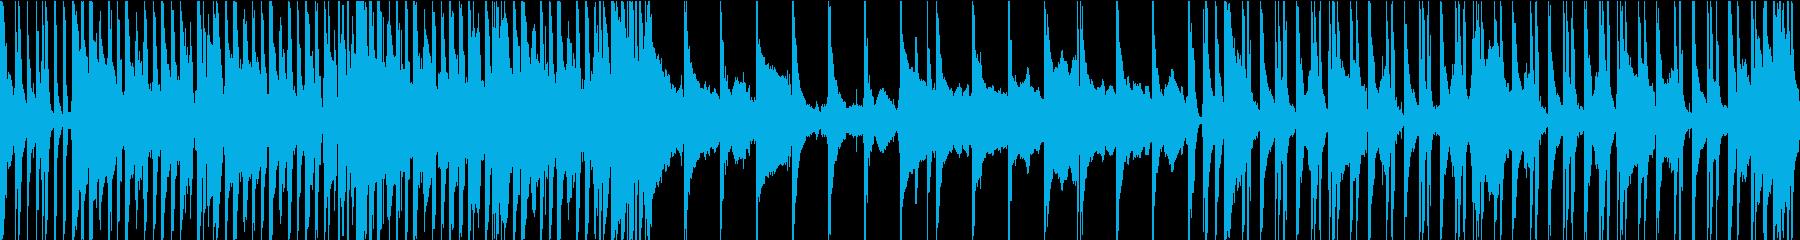 エンタメショー風ヒップホップループの再生済みの波形